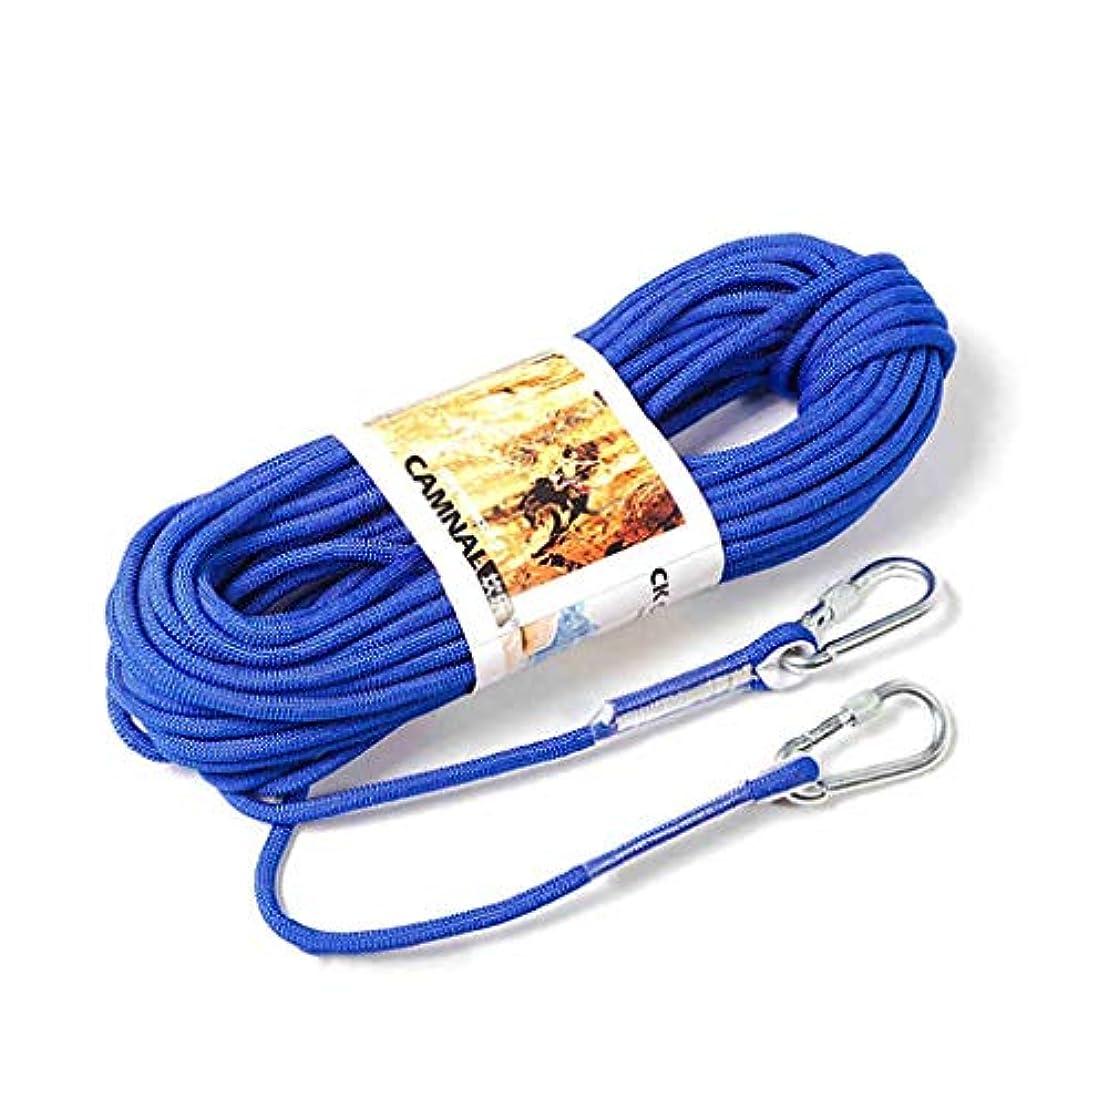 クレーンノーブル生活KTYXDE クライミングロープキャンプ/クライミング/クライミング/ダイビングウェア径6/8 / 9.5 / 12mm長さは10/20/30/40/50 / 100mマルチカラーオプション クライミングロープ (Color : G, Size : 12MM 50M)